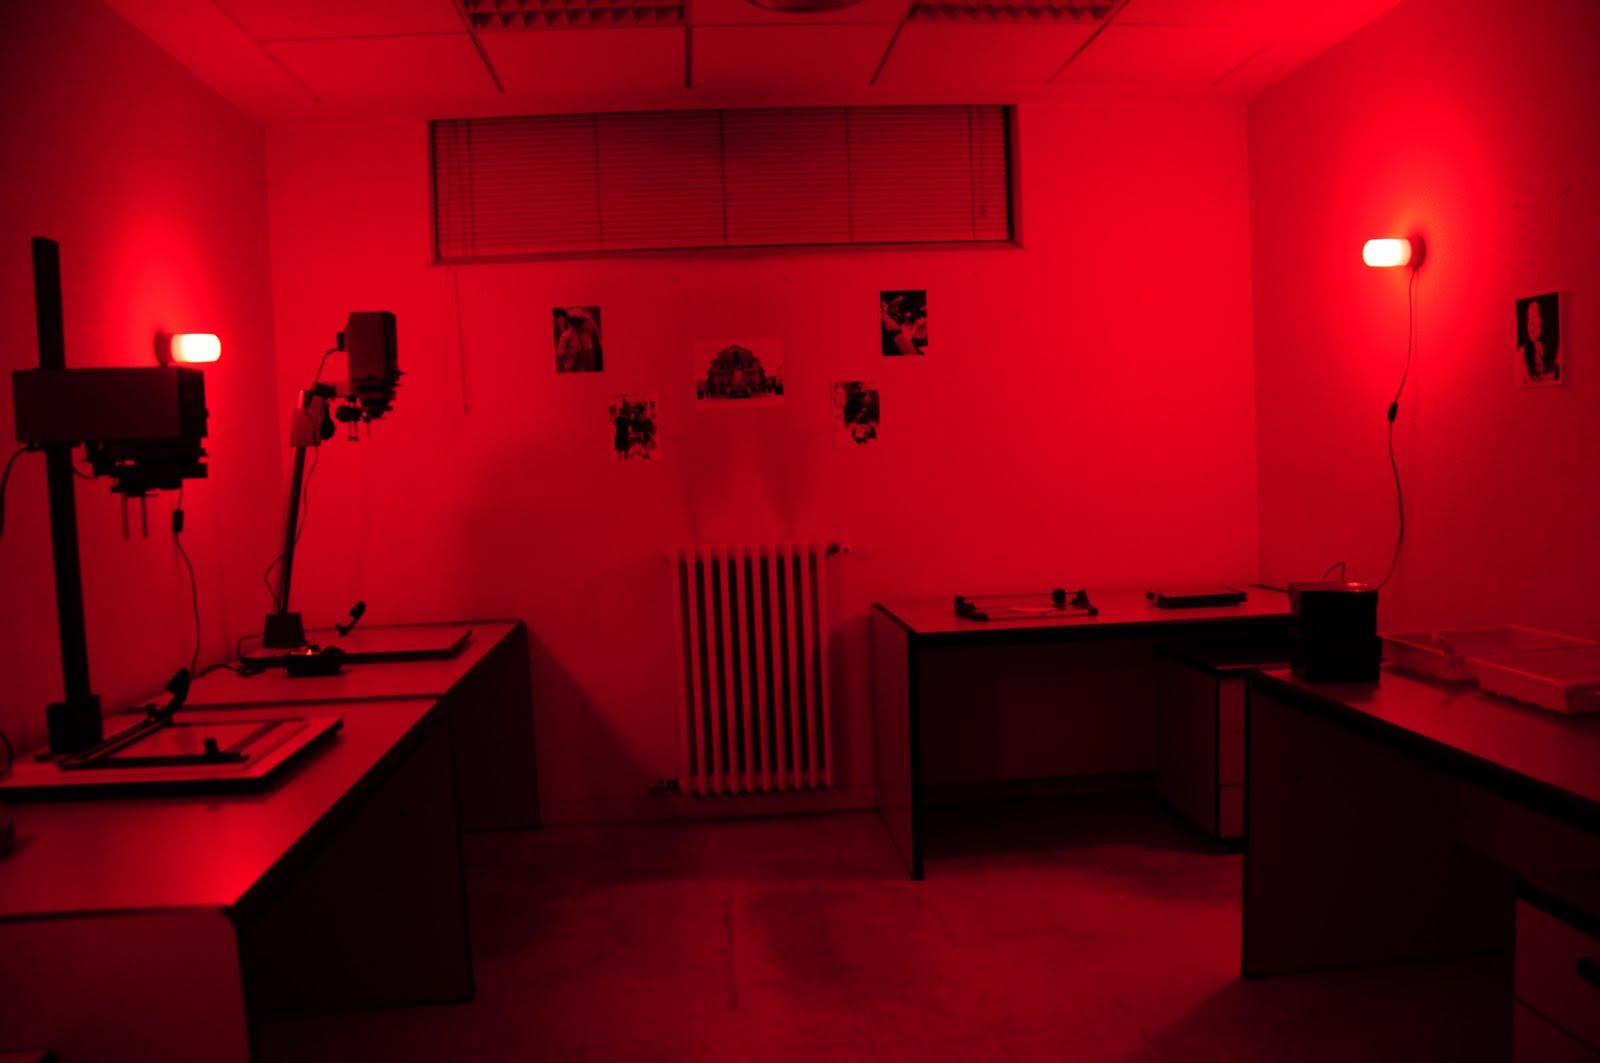 Fotograf a el arte al alcance de todos revelado for Cuarto oscuro rayos x